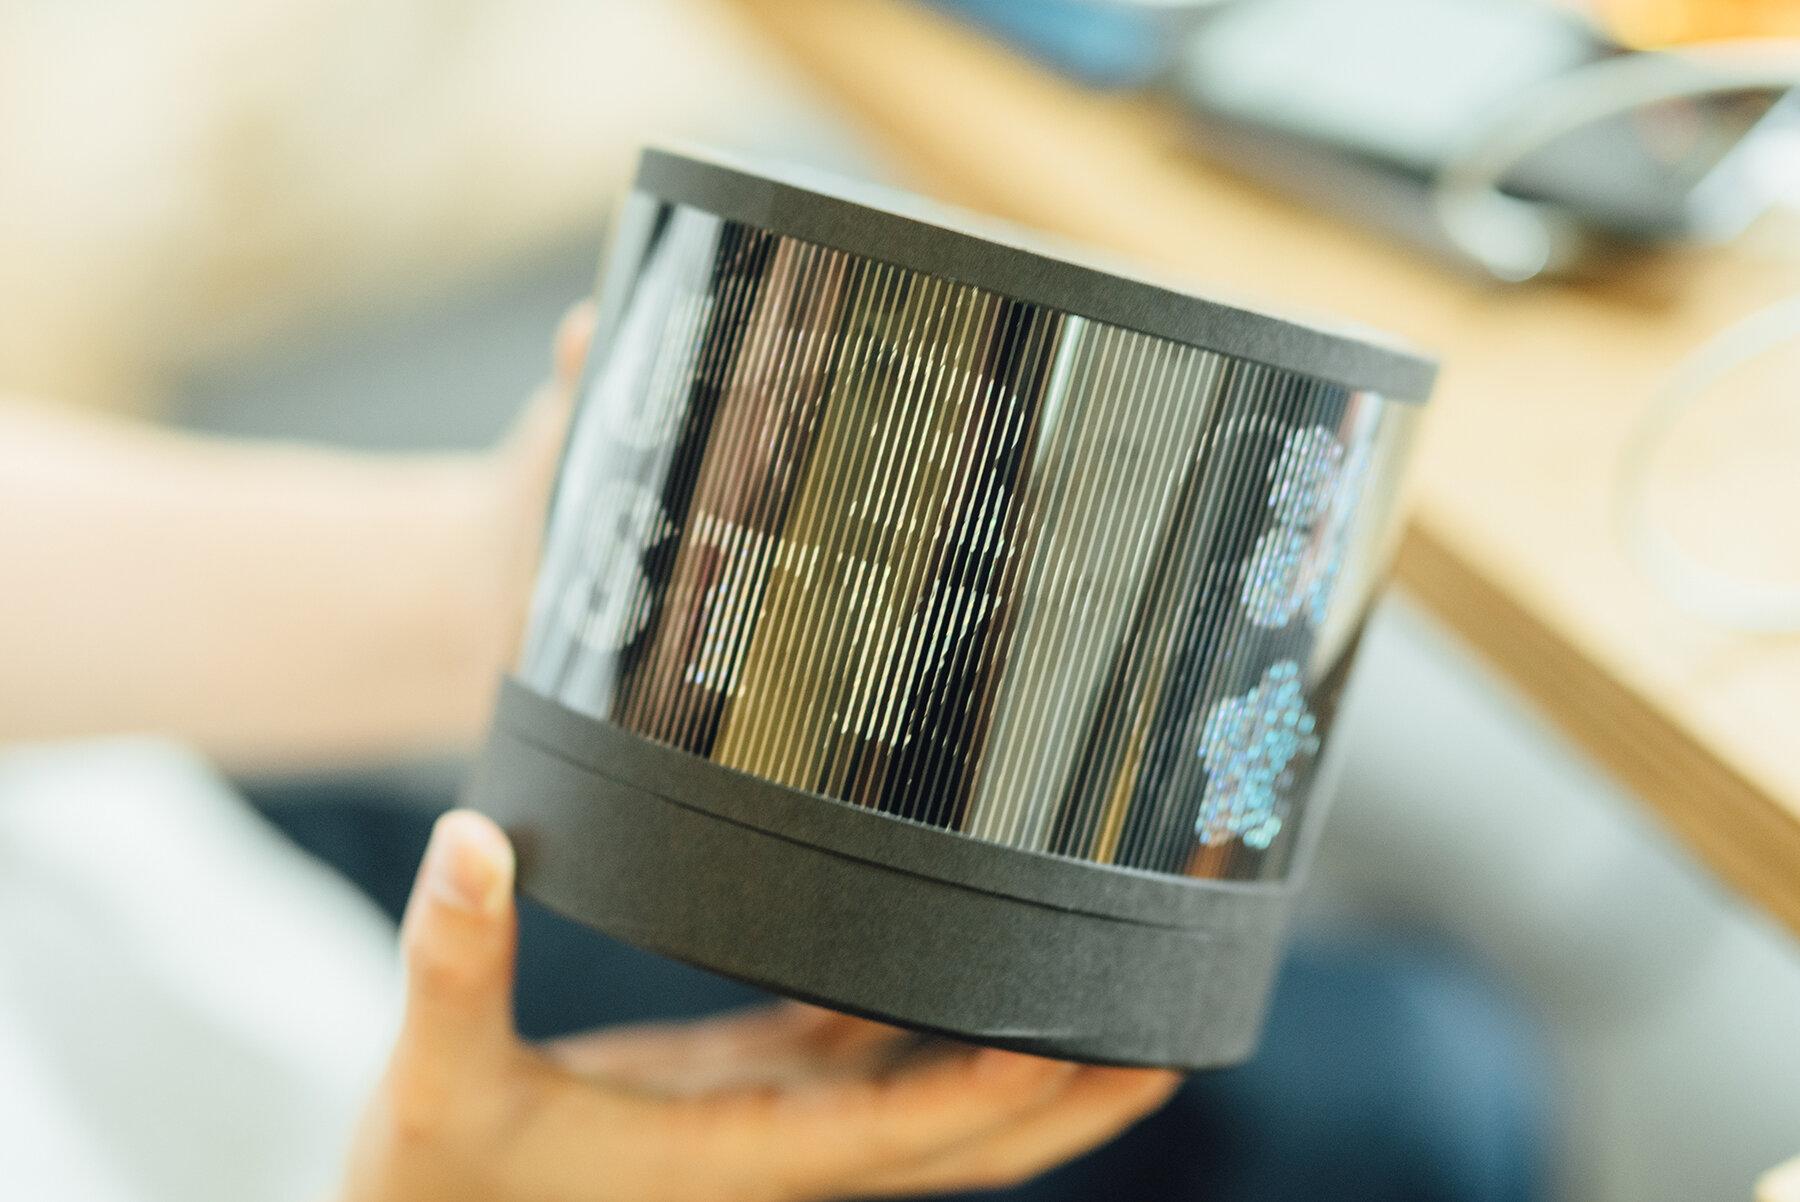 為設計生活雜誌《Shopping Design》設計的獎座,以立體角度挑戰紙的多樣性,利用軋型線條做出流動感,透過厚卡紙上的特殊印刷增加「紙做」獎座的份量。